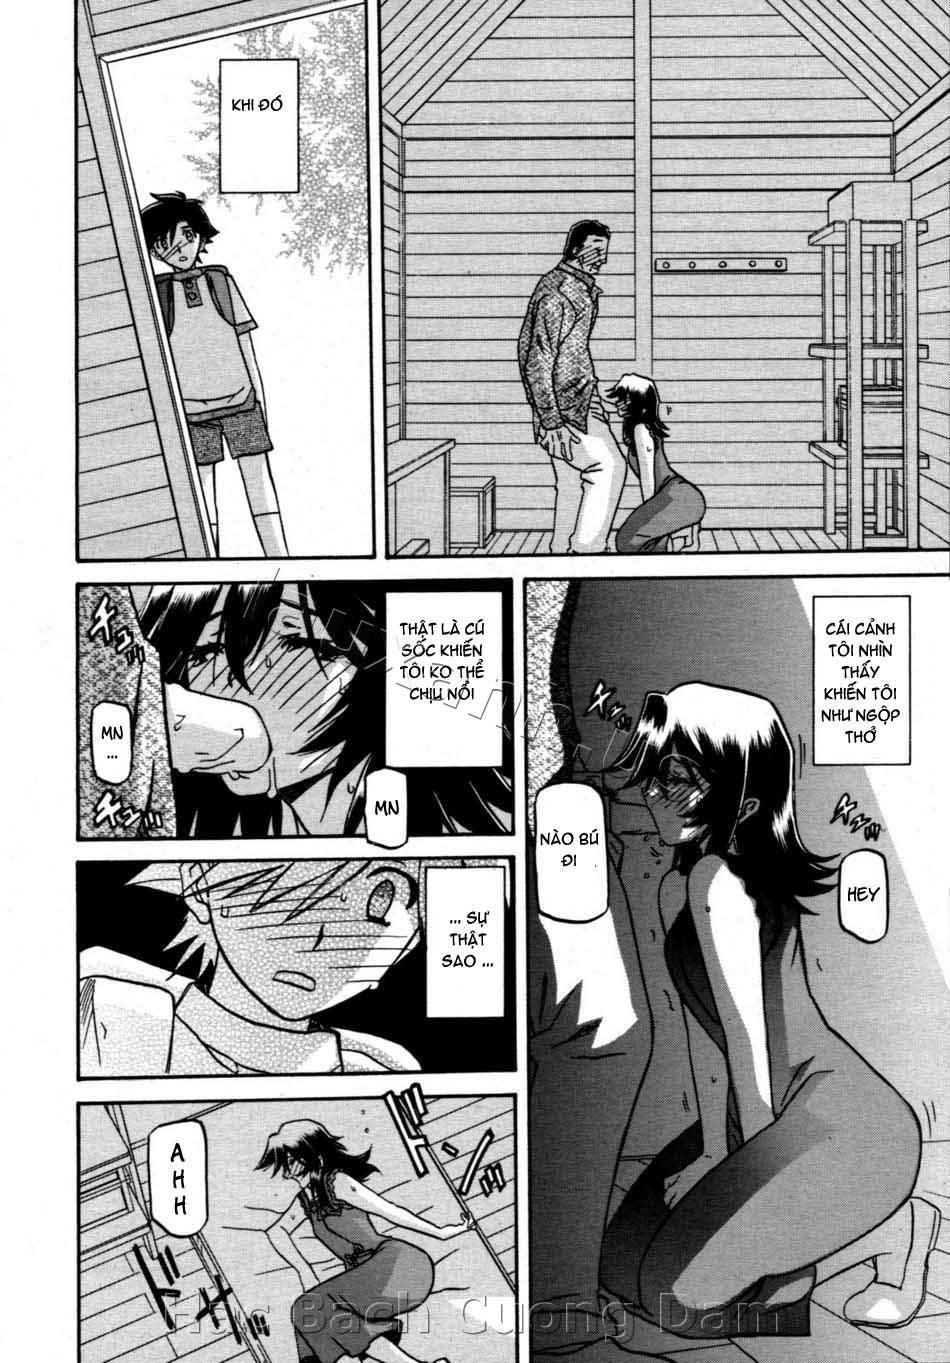 Hình ảnh hentailxers.blogspot.com0055 trong bài viết Manga H Sayuki no Sato